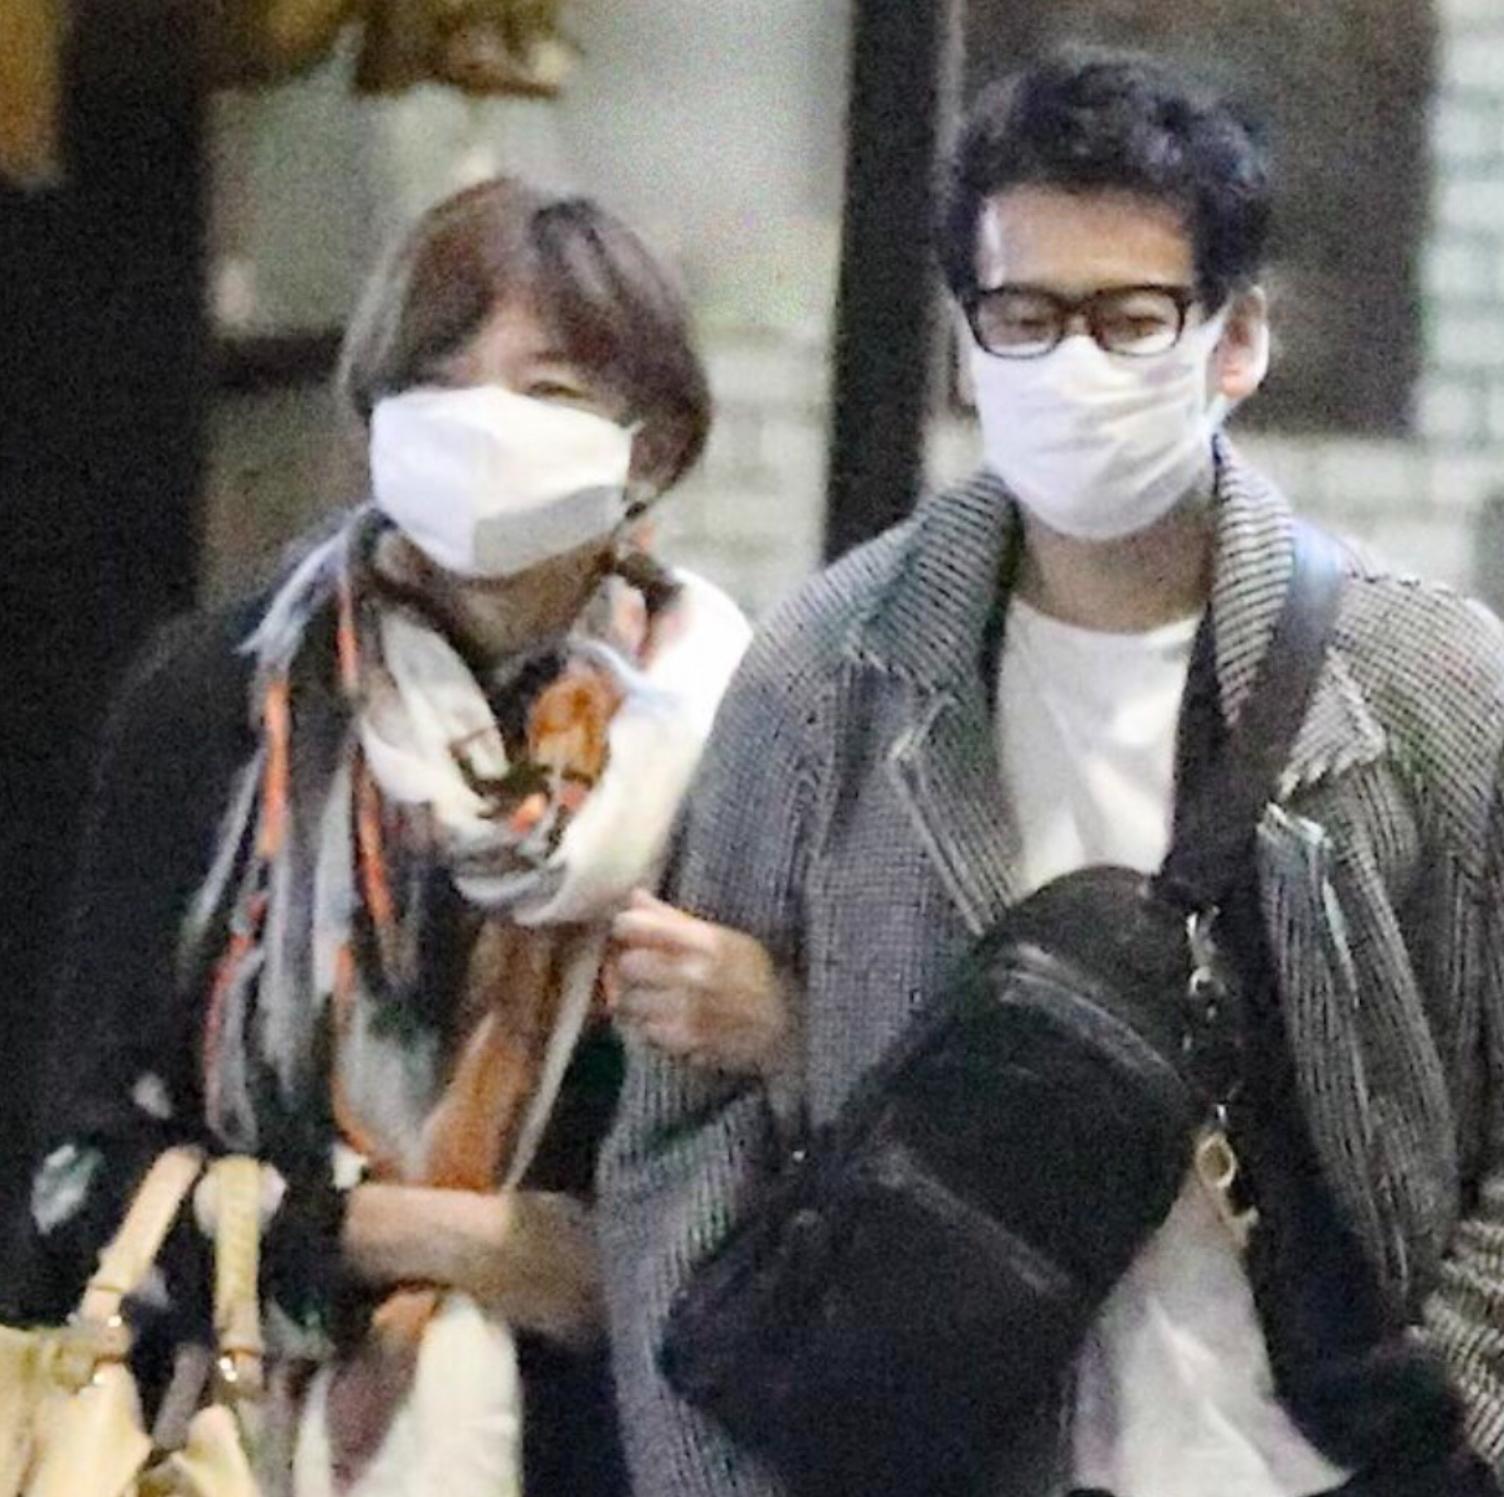 唐沢寿明と山口智子